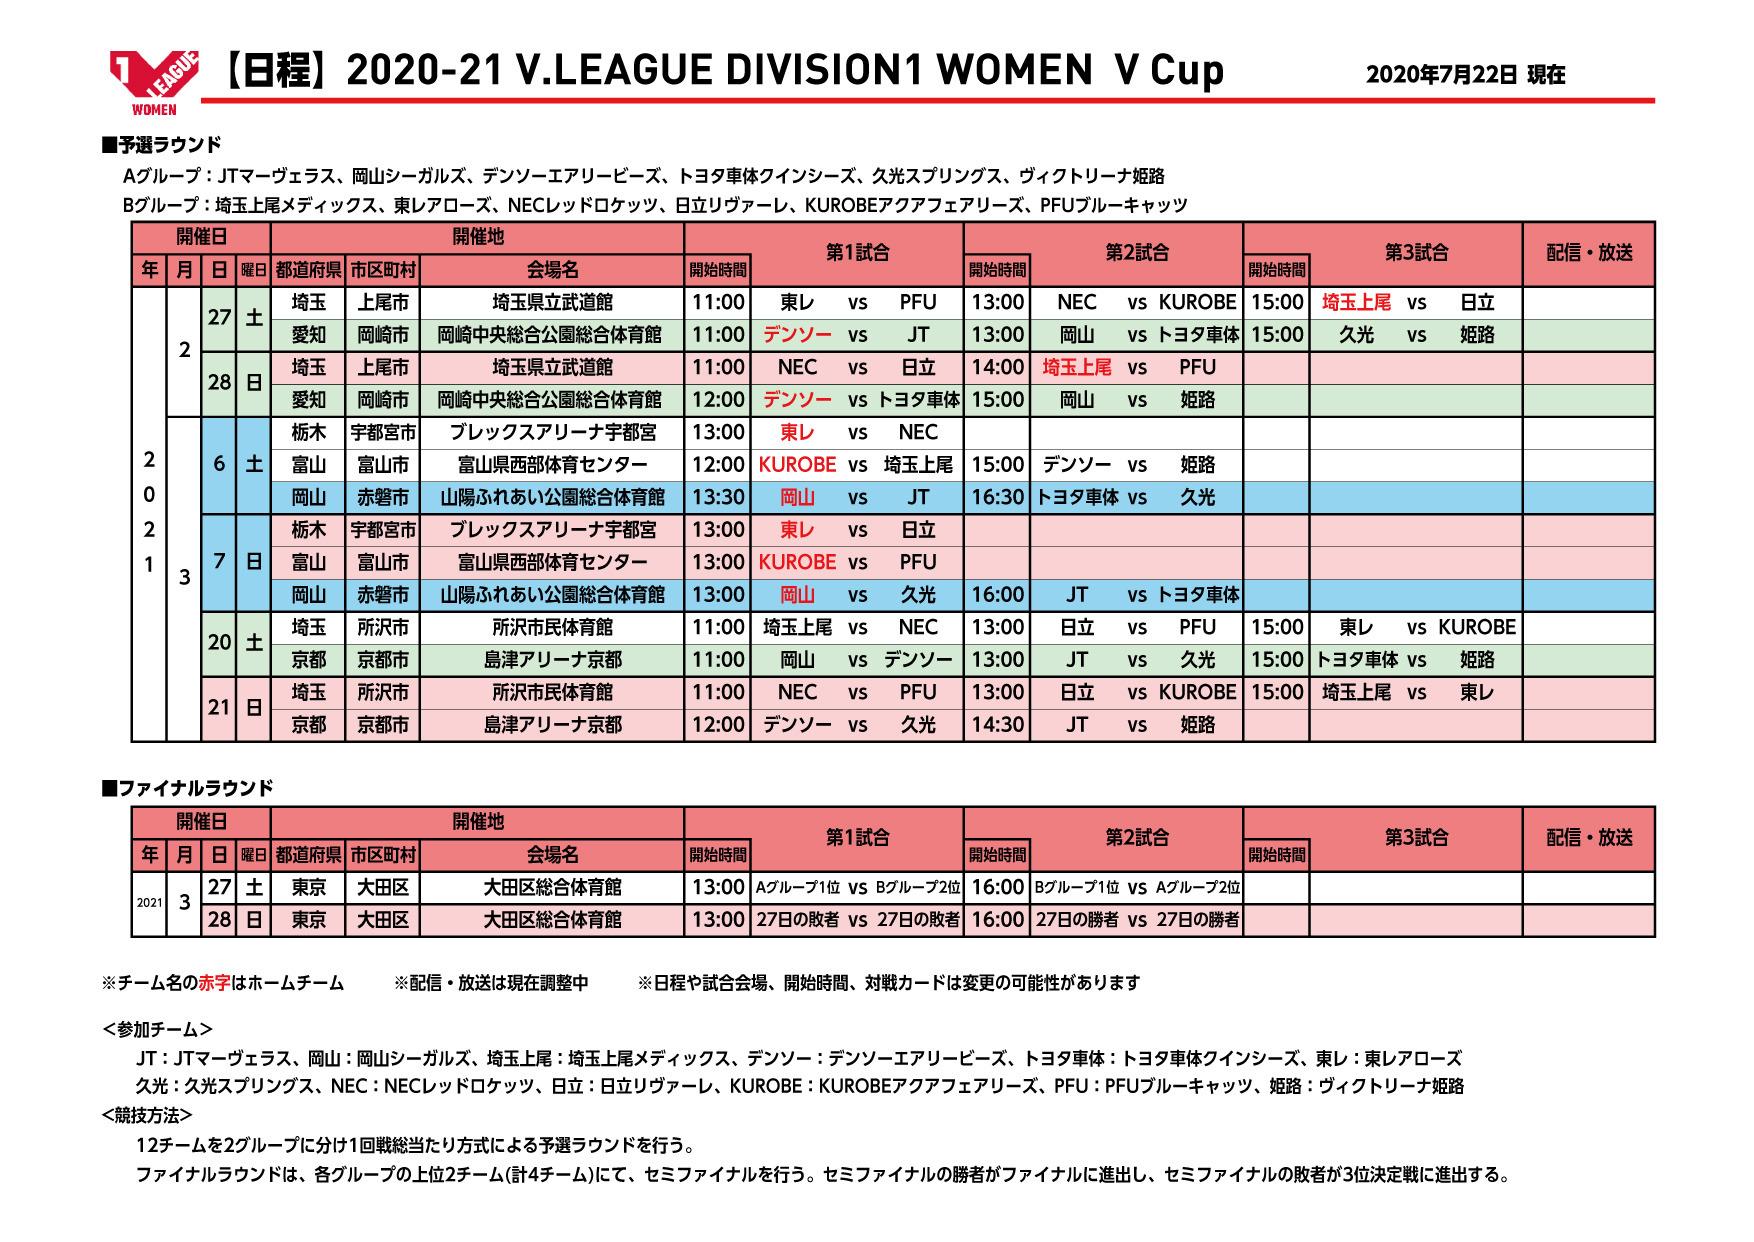 20200727_2019-20vleague_schedule-02.jpg